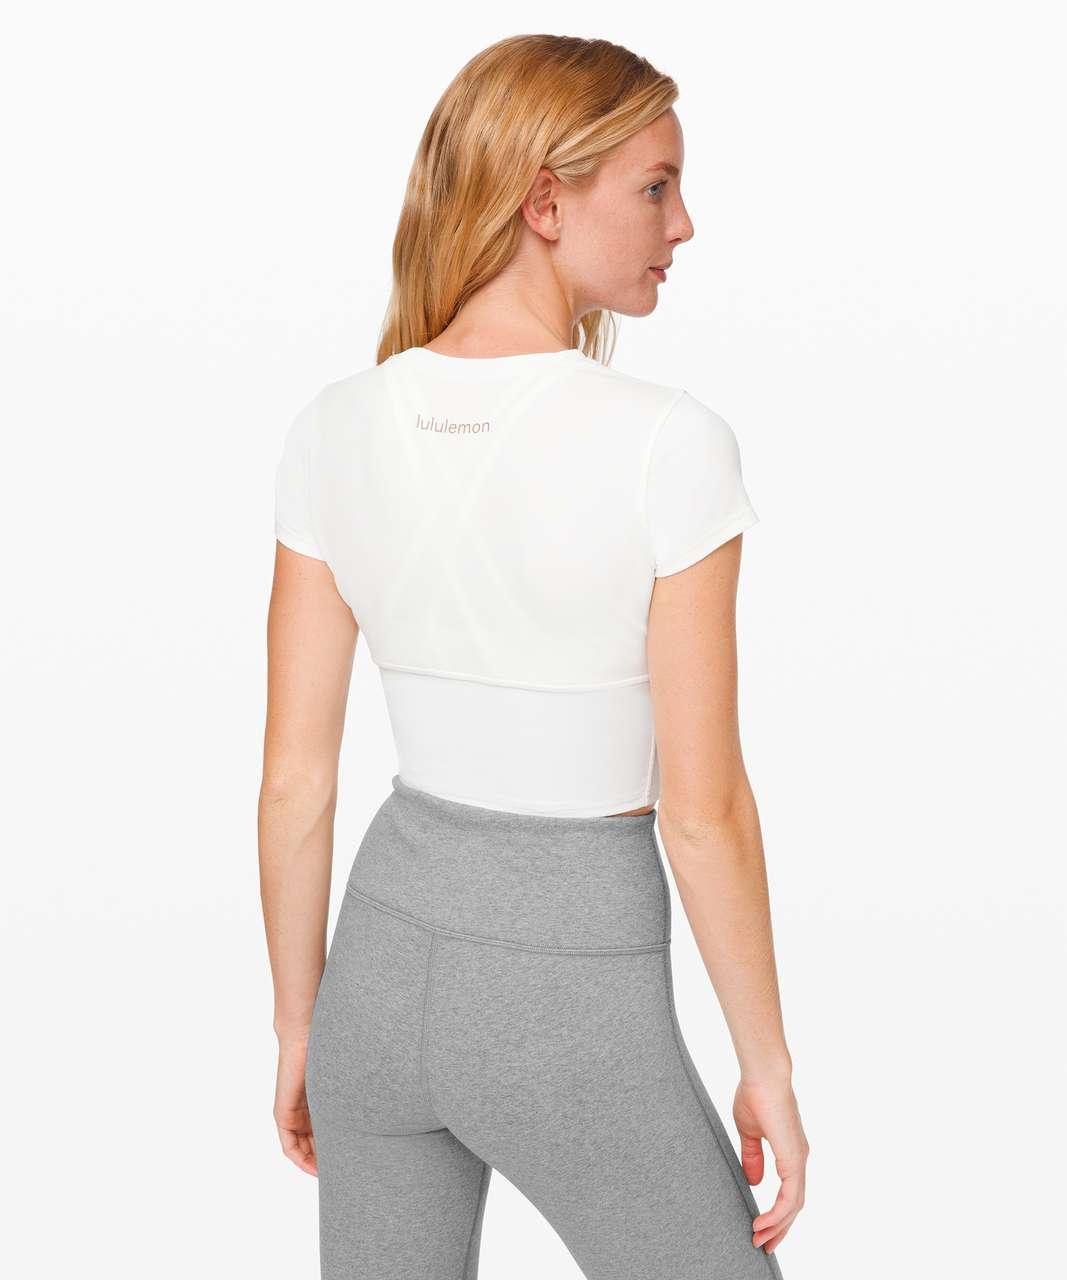 Lululemon New Ambition Cropped Short Sleeve - White